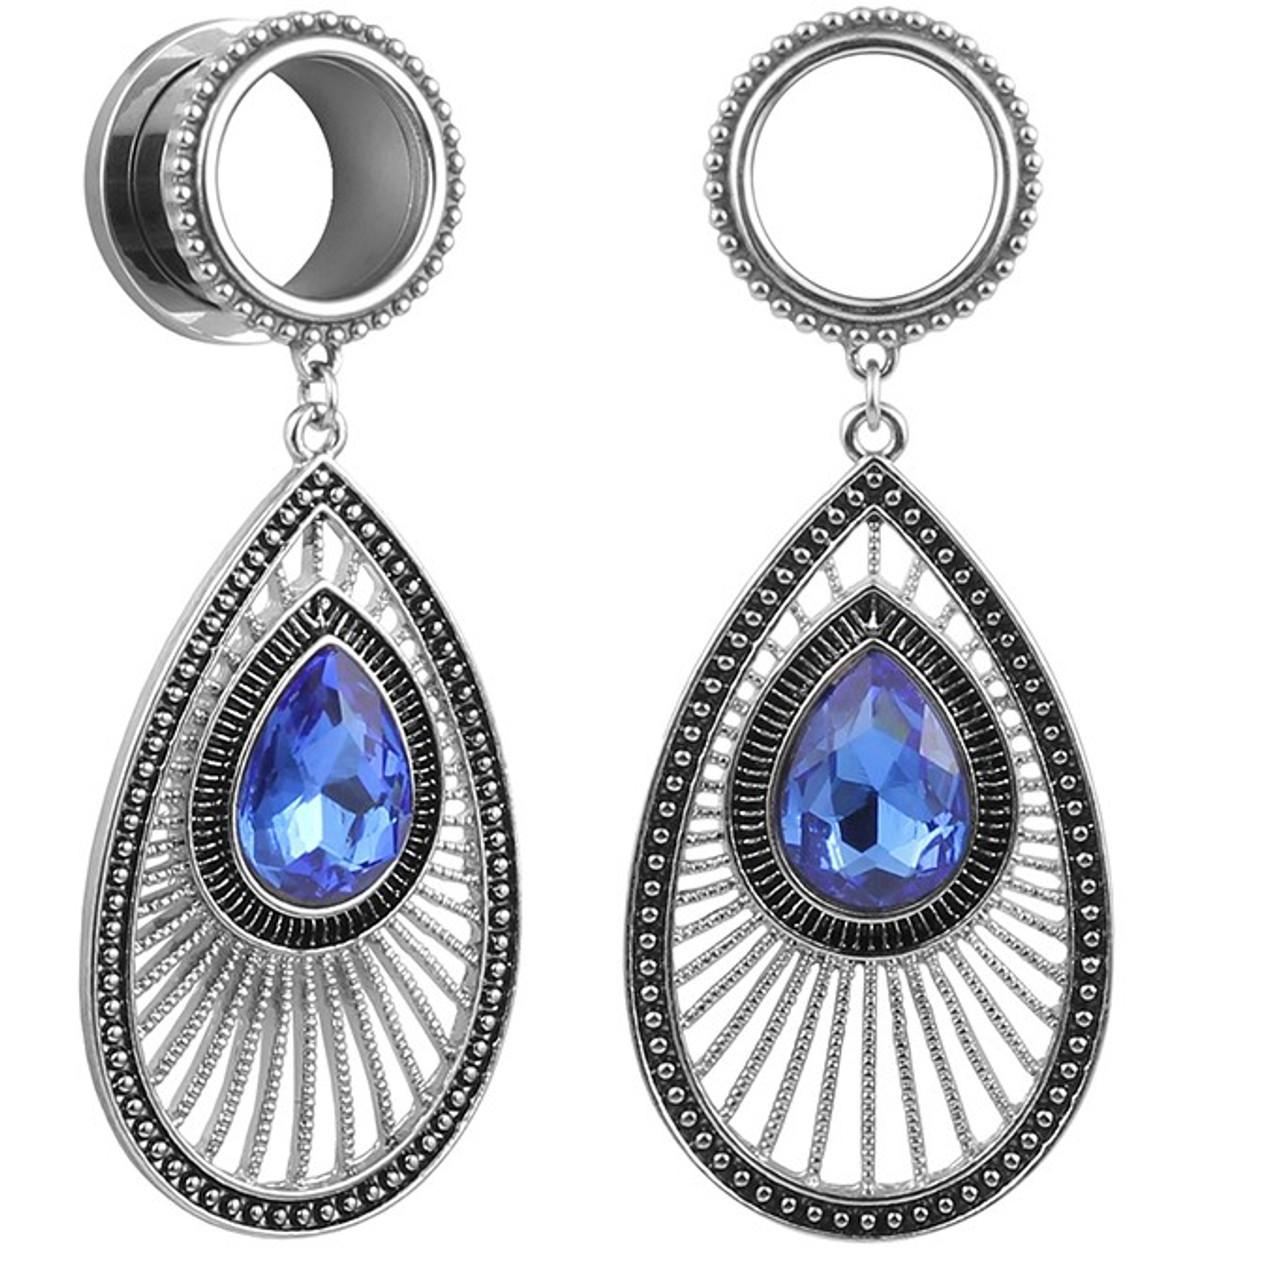 Dangle Fan royal blue gem Oval stainless steel screw back ear plugs